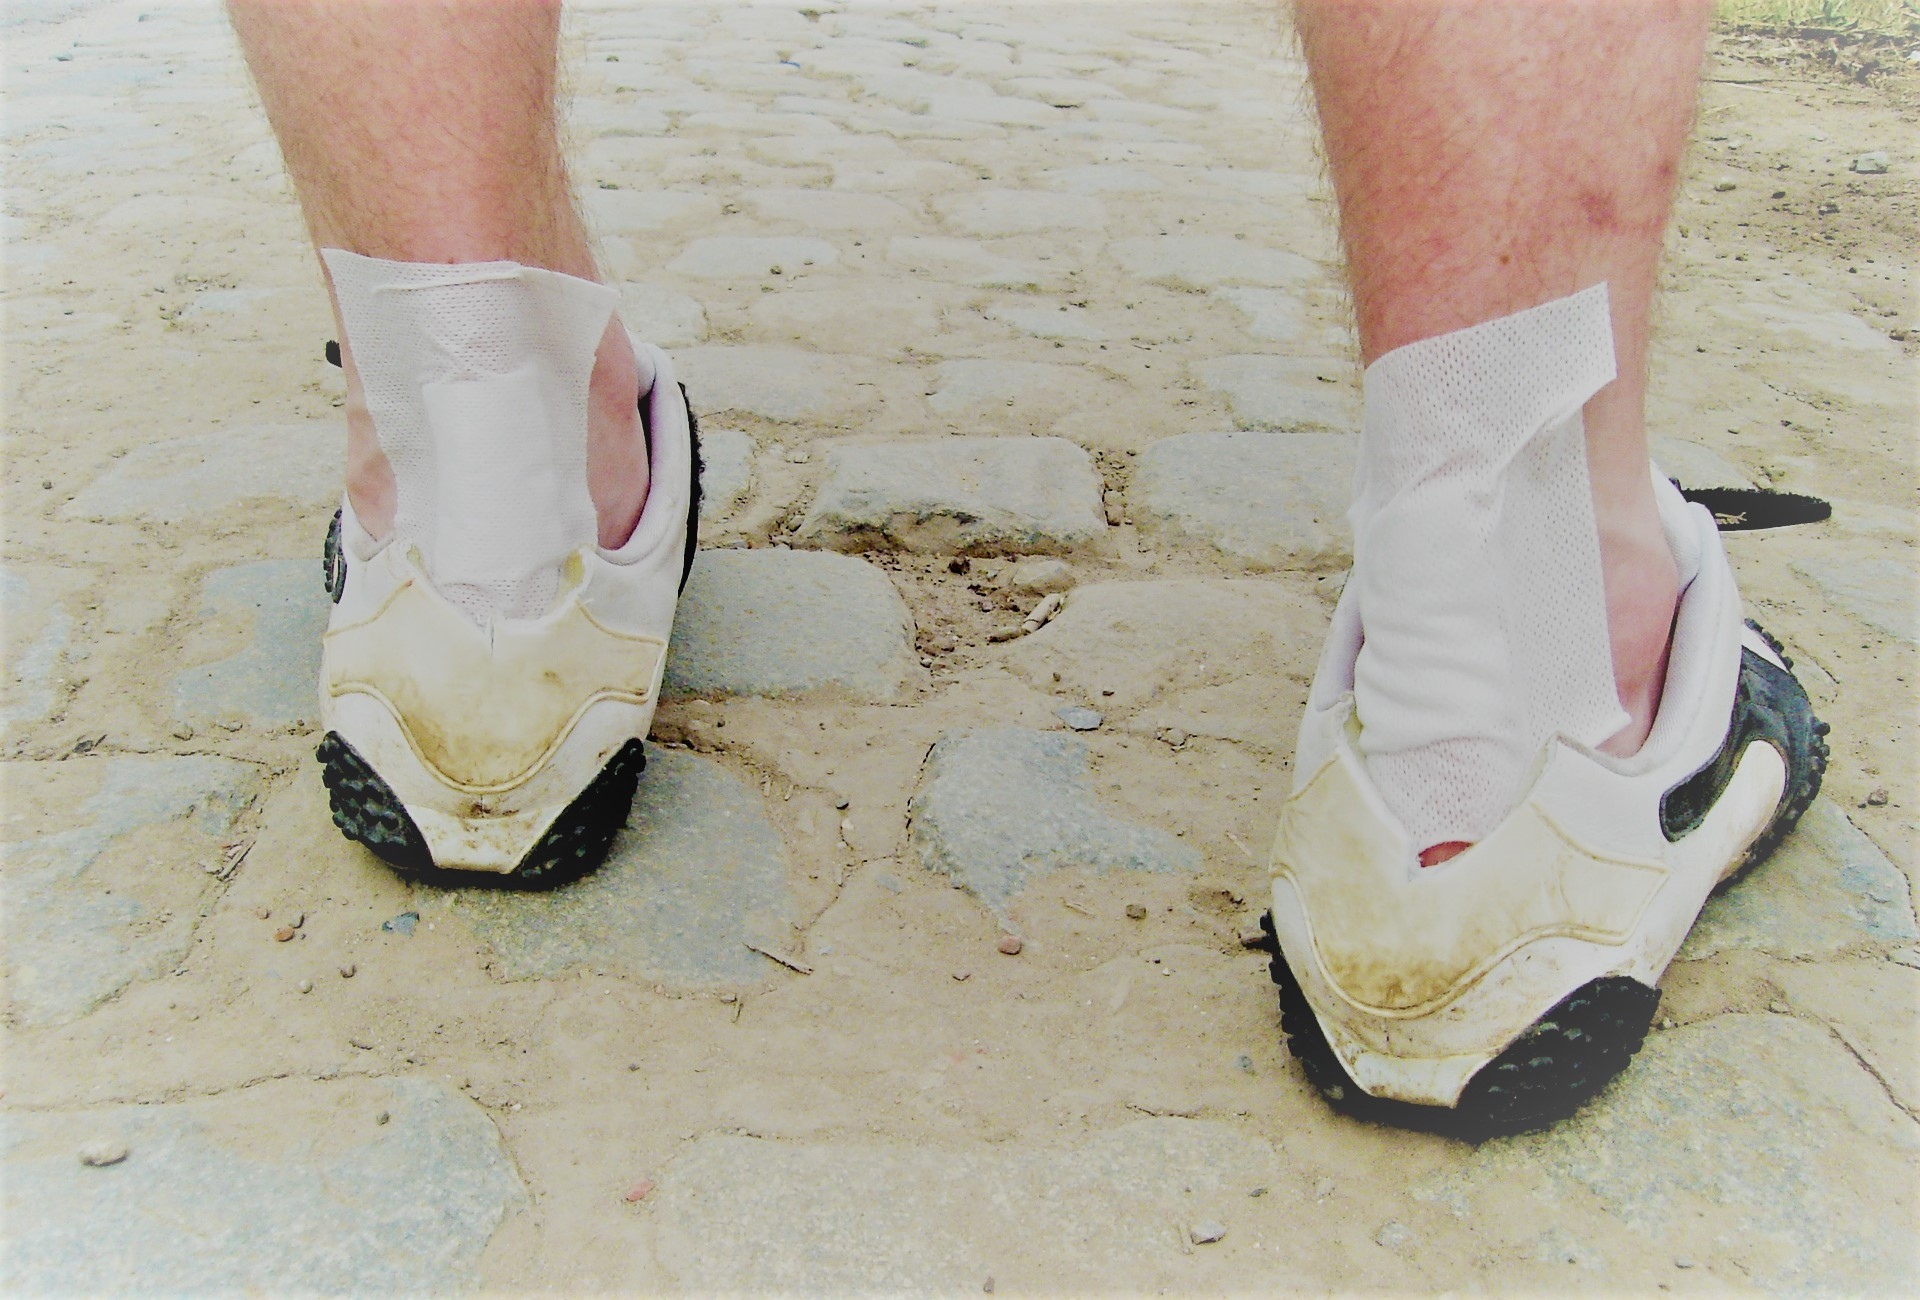 lábízületi gyulladás okozza a kezelést movalis ízületi gyulladásokkal